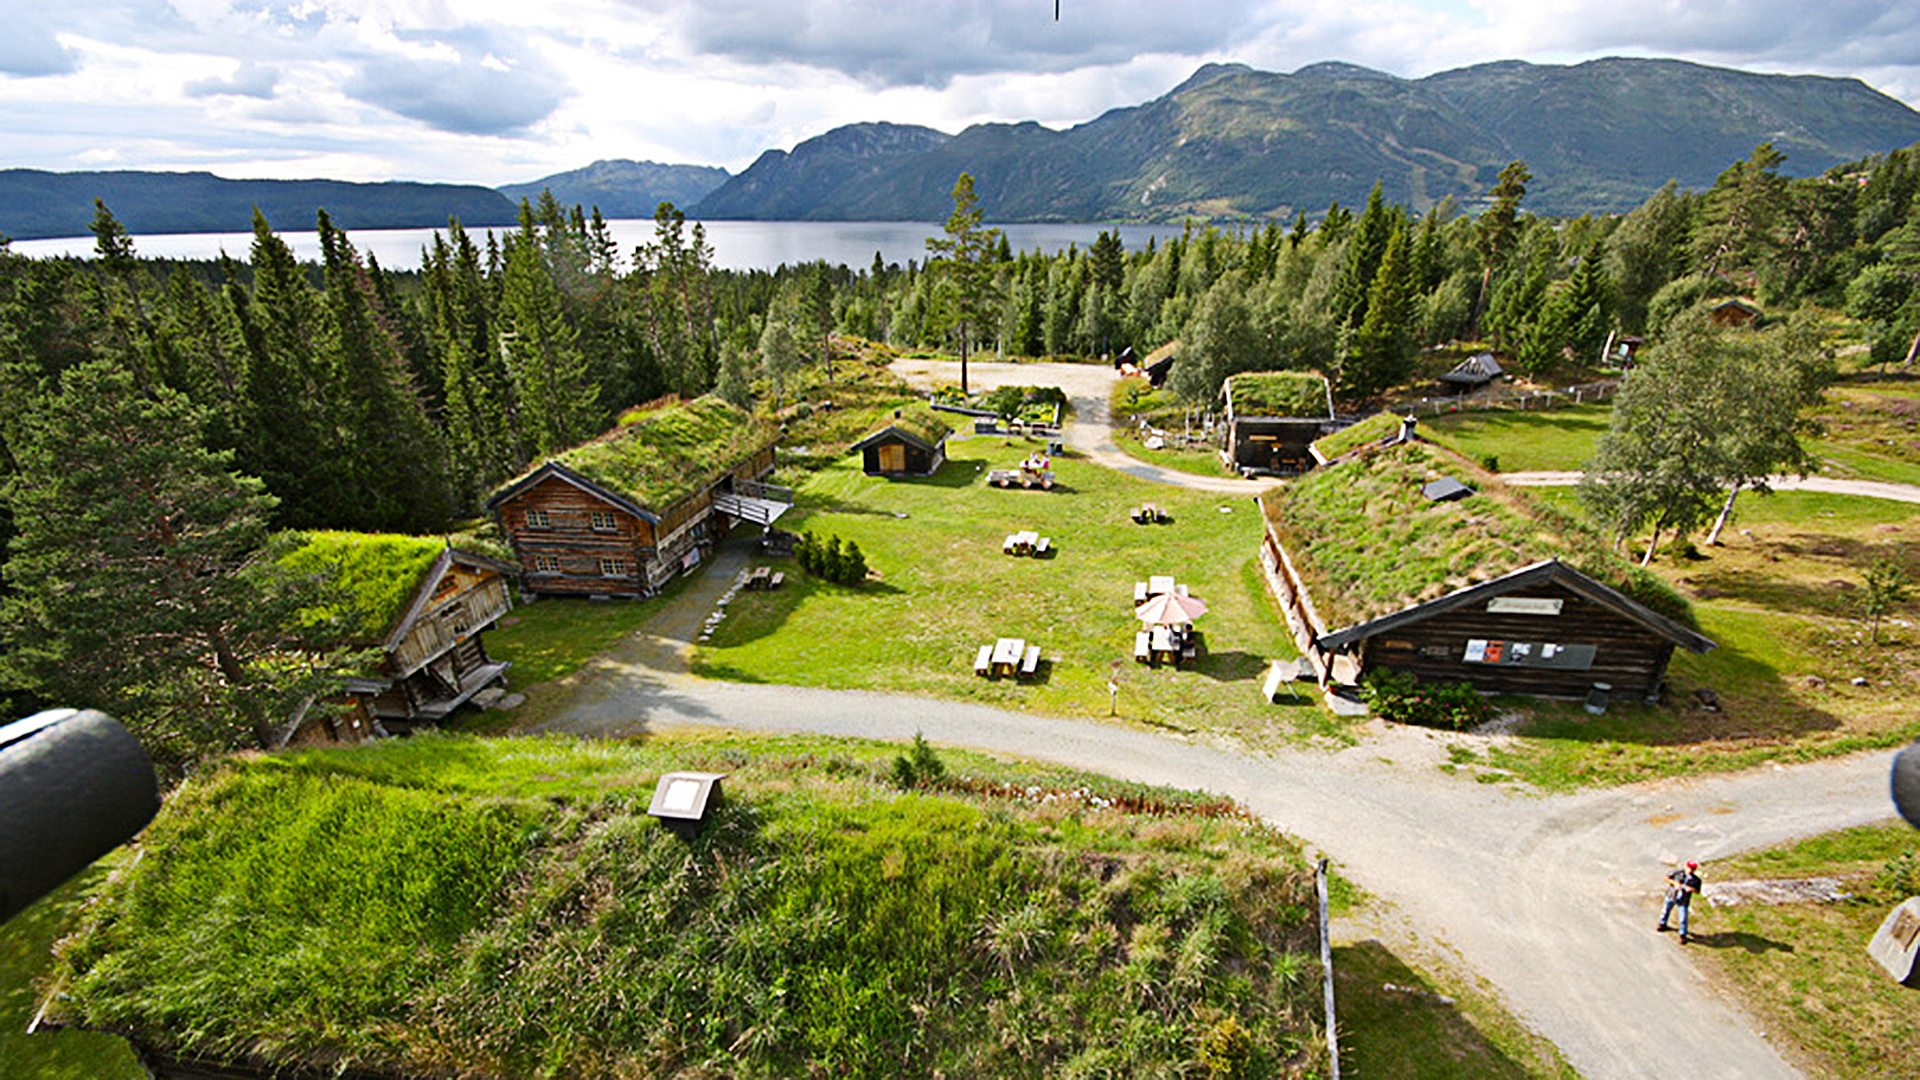 Telemarkstunet Rauland Telemark